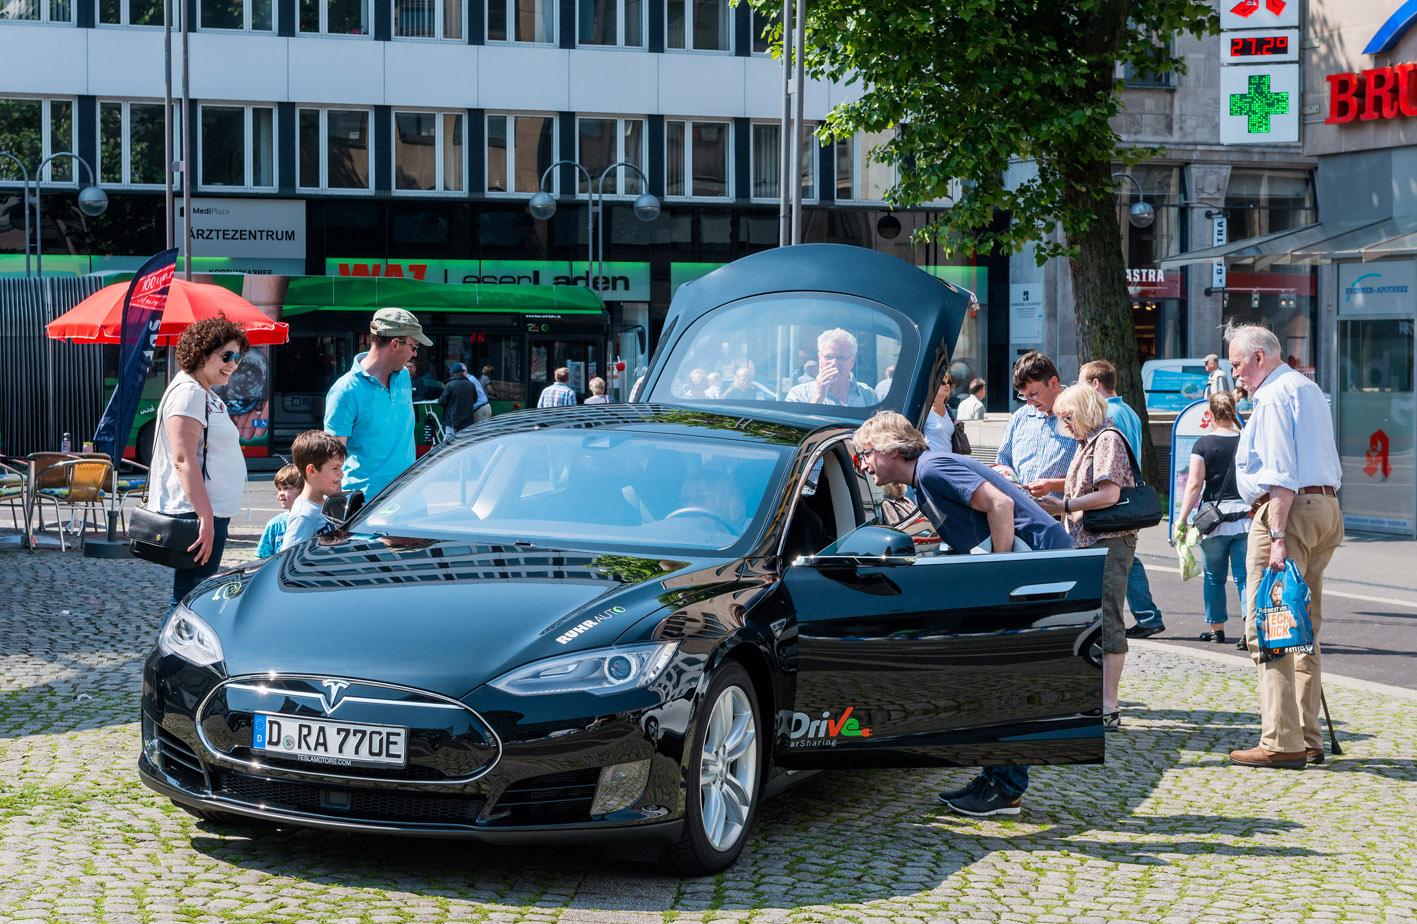 Elektomobilitätstag Foto © Olaf Ziegler, Lichtblick